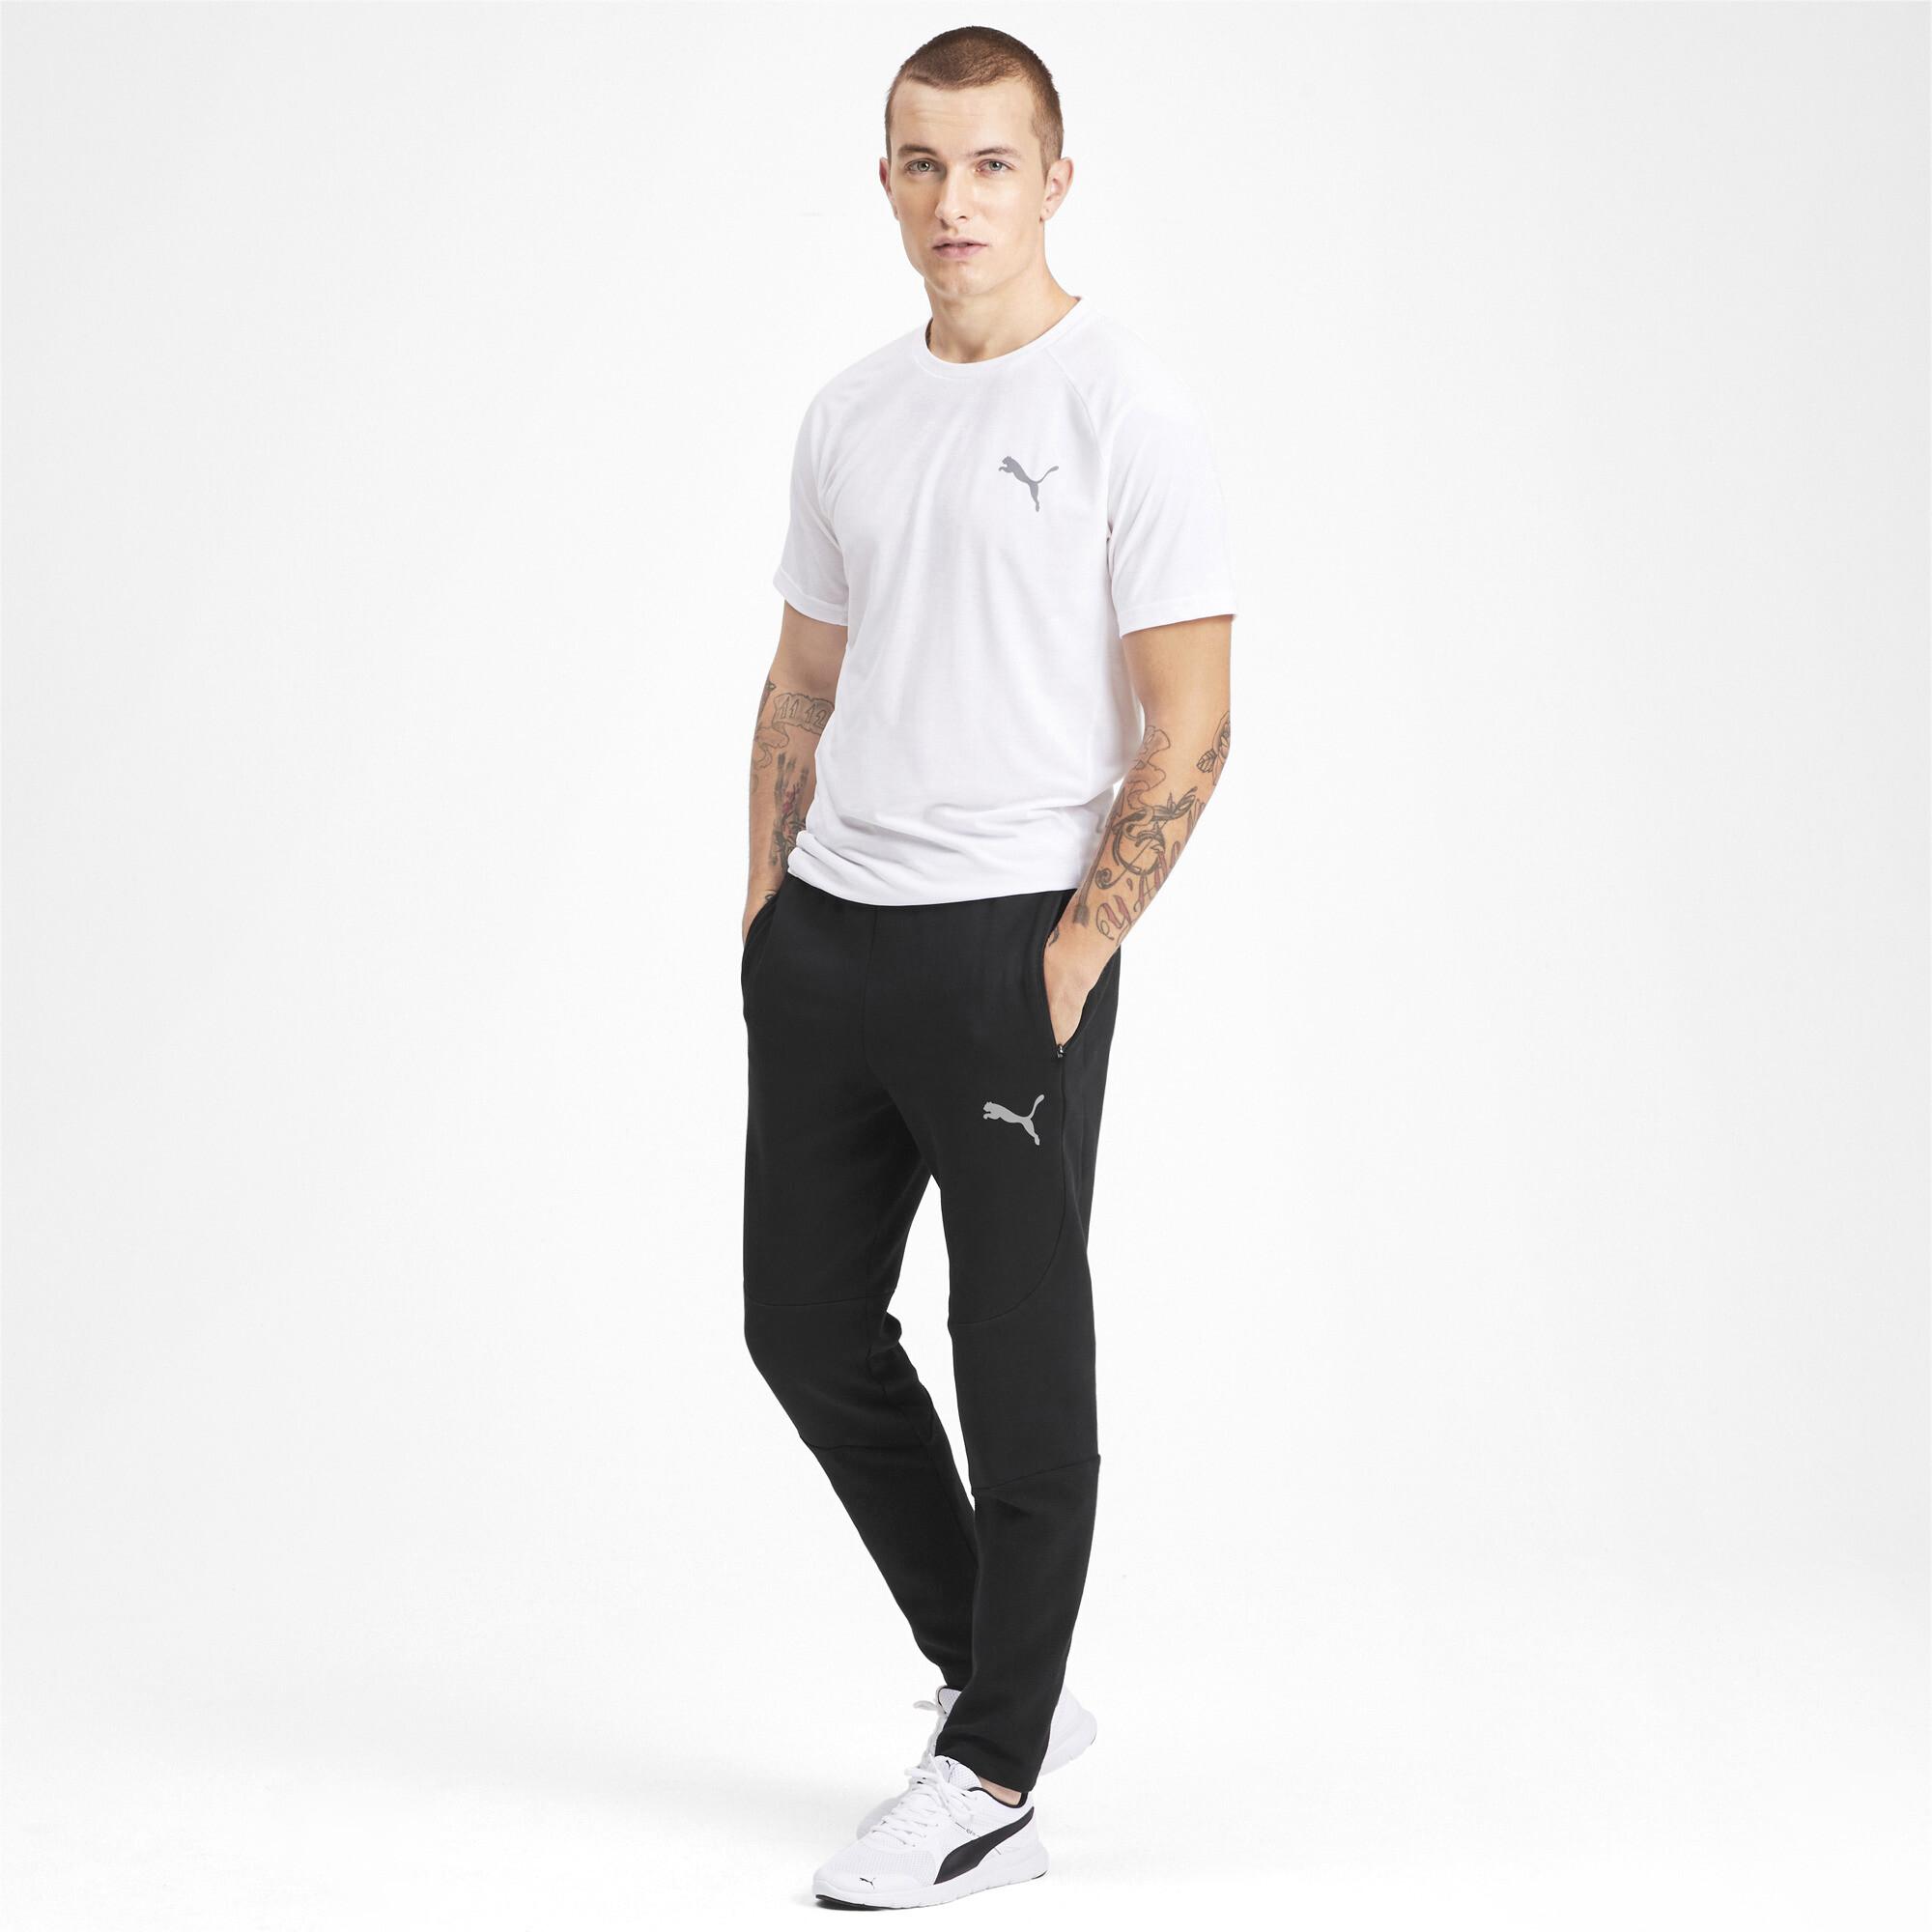 PUMA-Evostripe-Men-039-s-Pants-Men-Knitted-Pants-Basics thumbnail 11